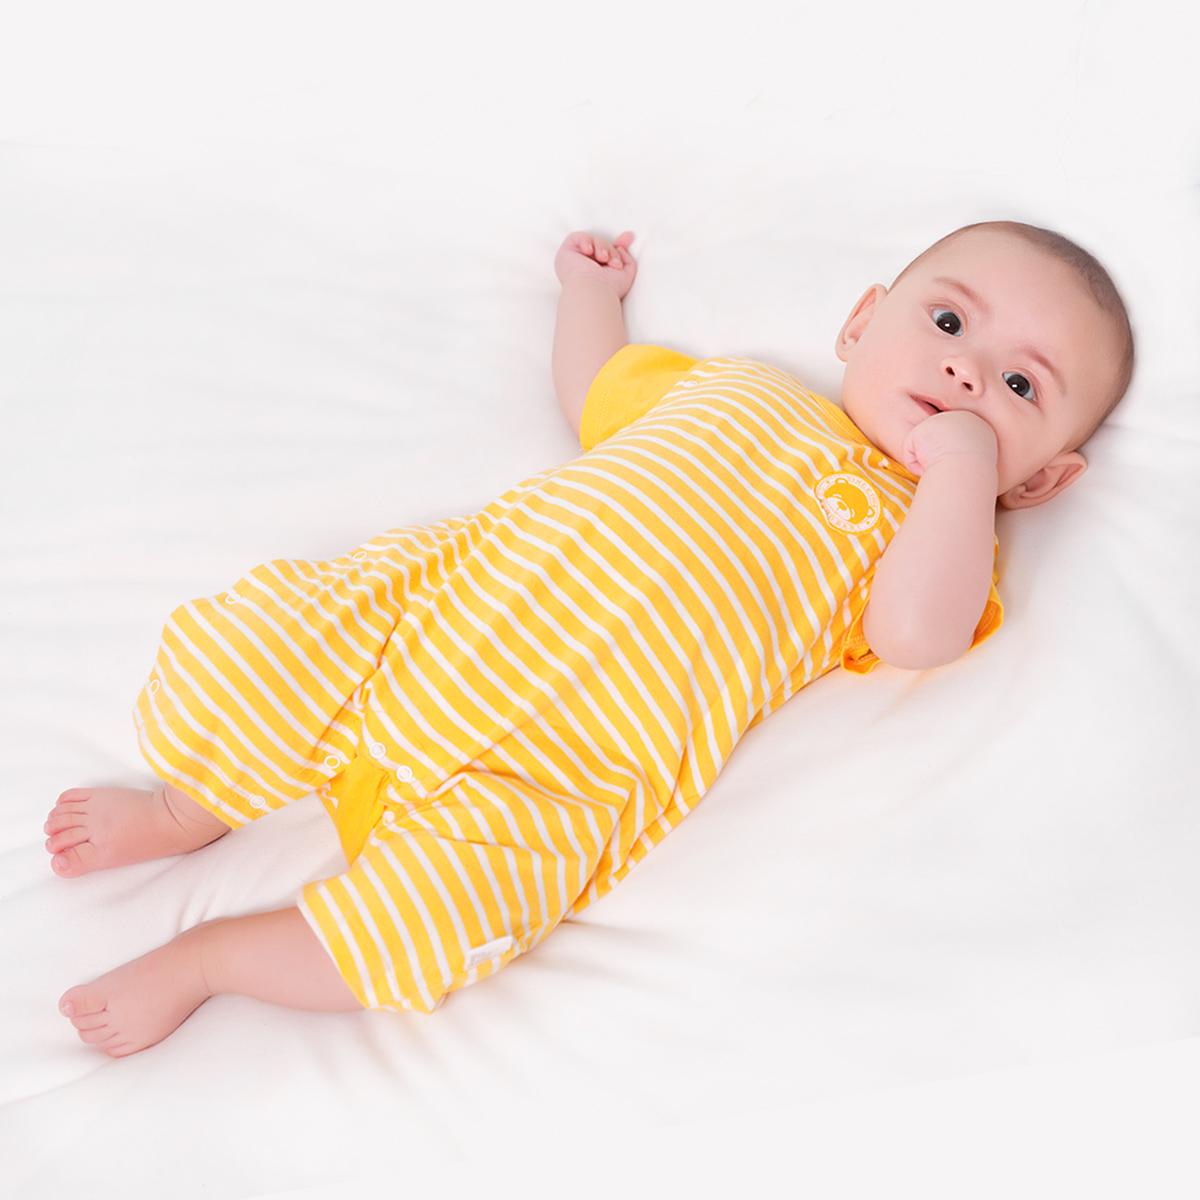 婴儿连体衣夏季纯棉短袖0-3-6-12个月新生儿衣服薄款宝宝